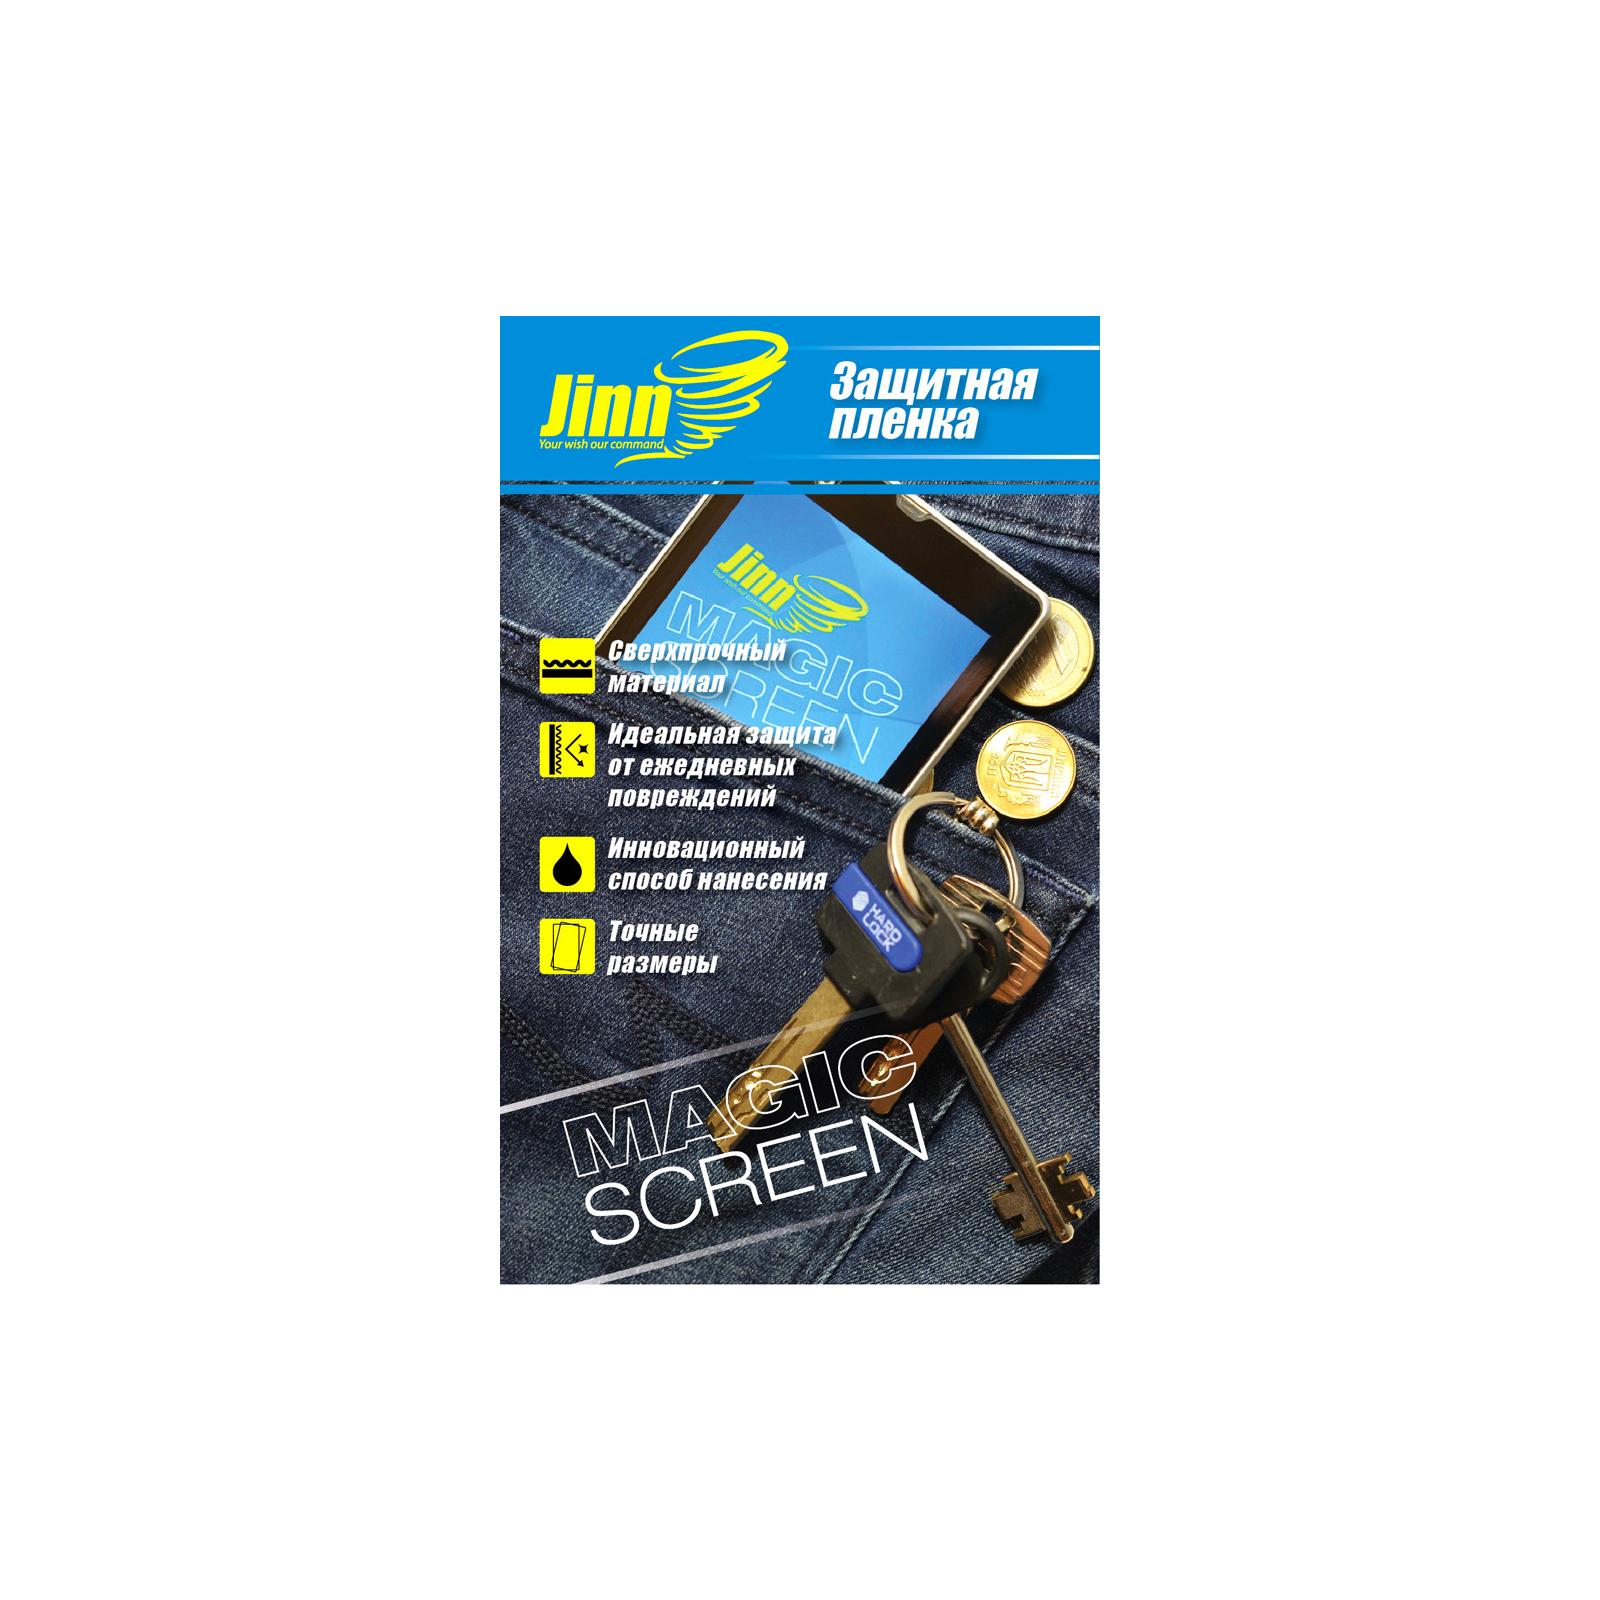 Пленка защитная JINN ультрапрочная Magic Screen для Fly IQ442 Quad Miracle 2 (Fly IQ442 Quad Miracle 2 front)